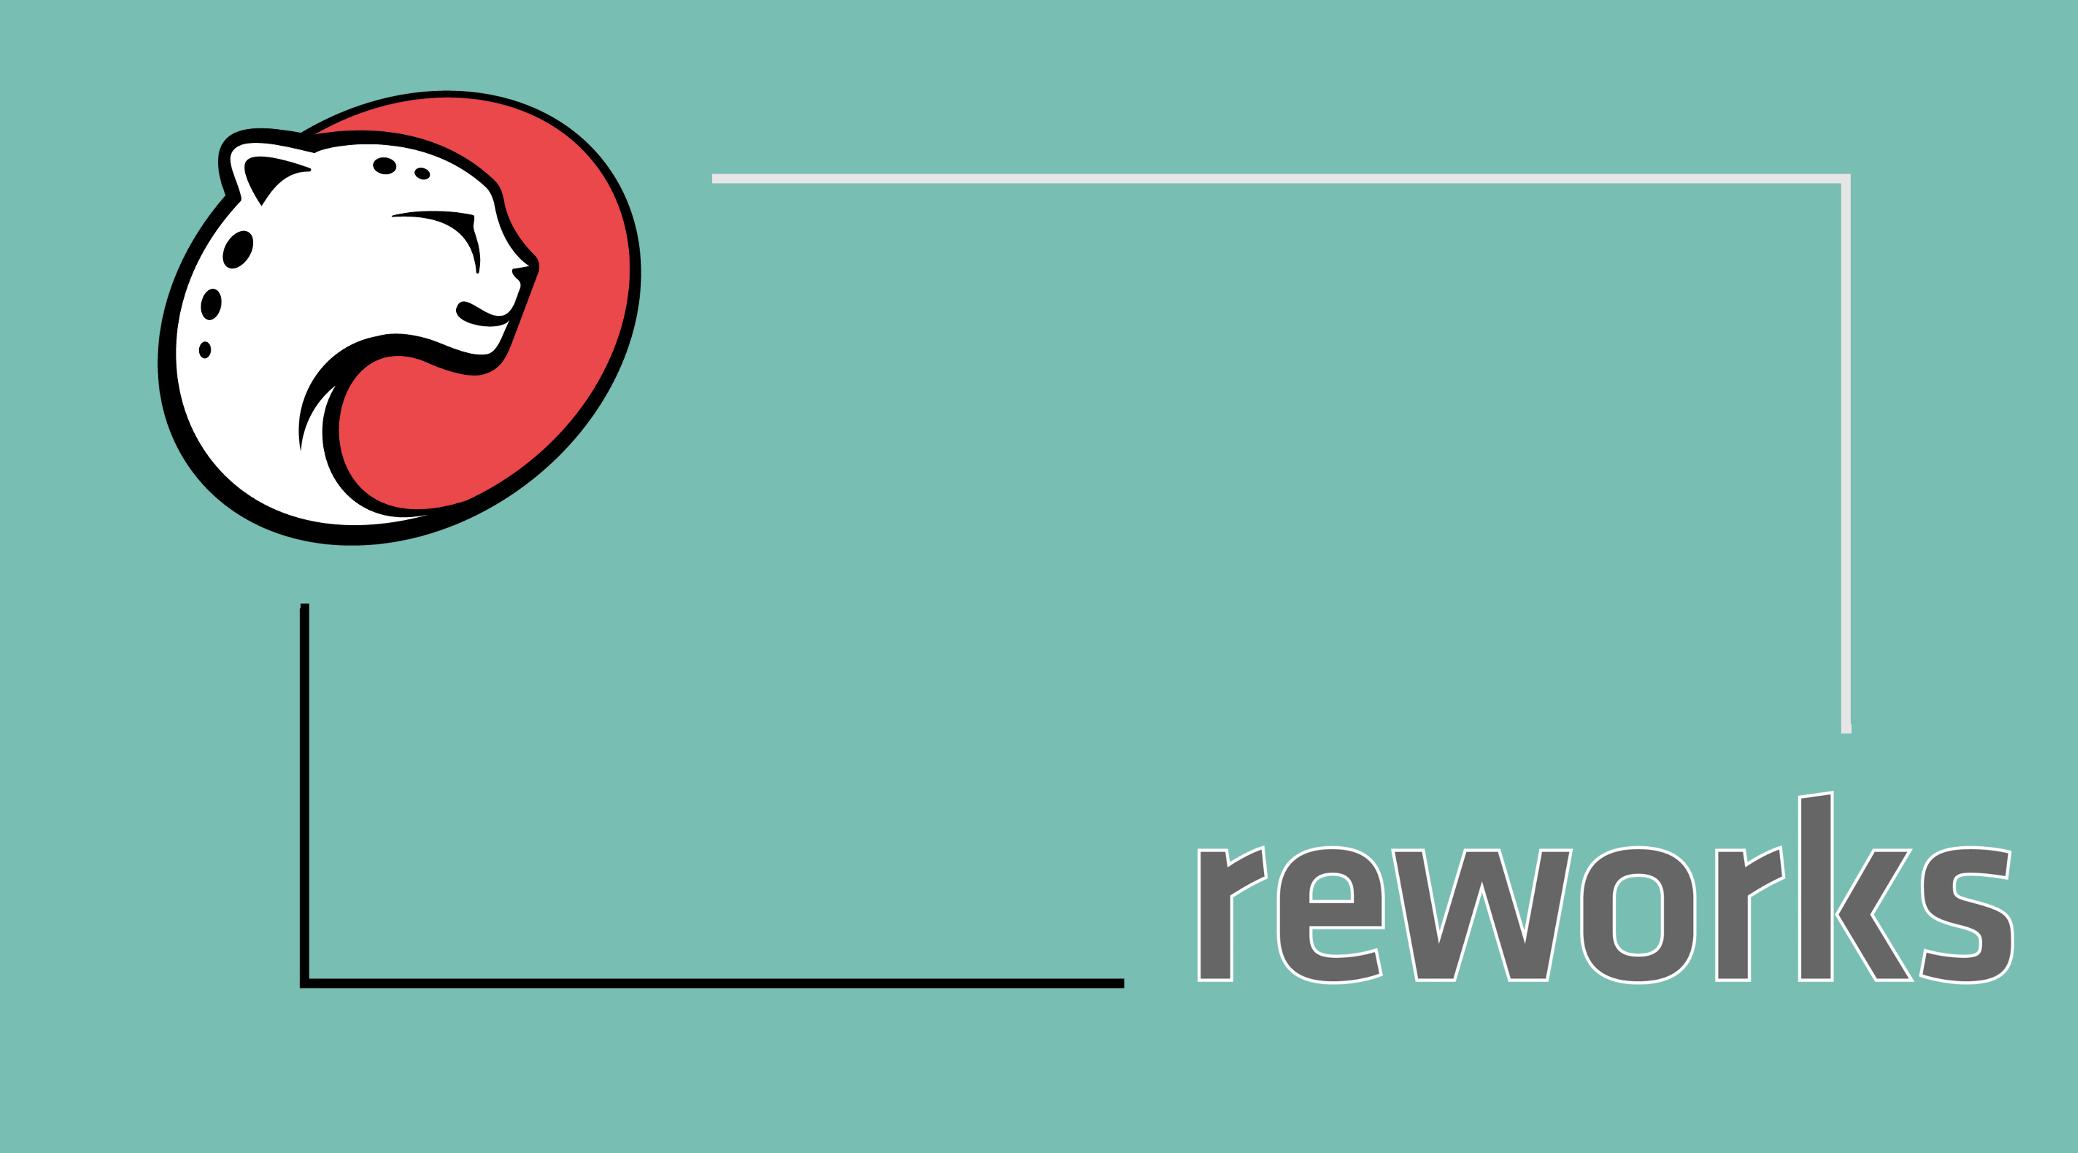 Playtika Reworks